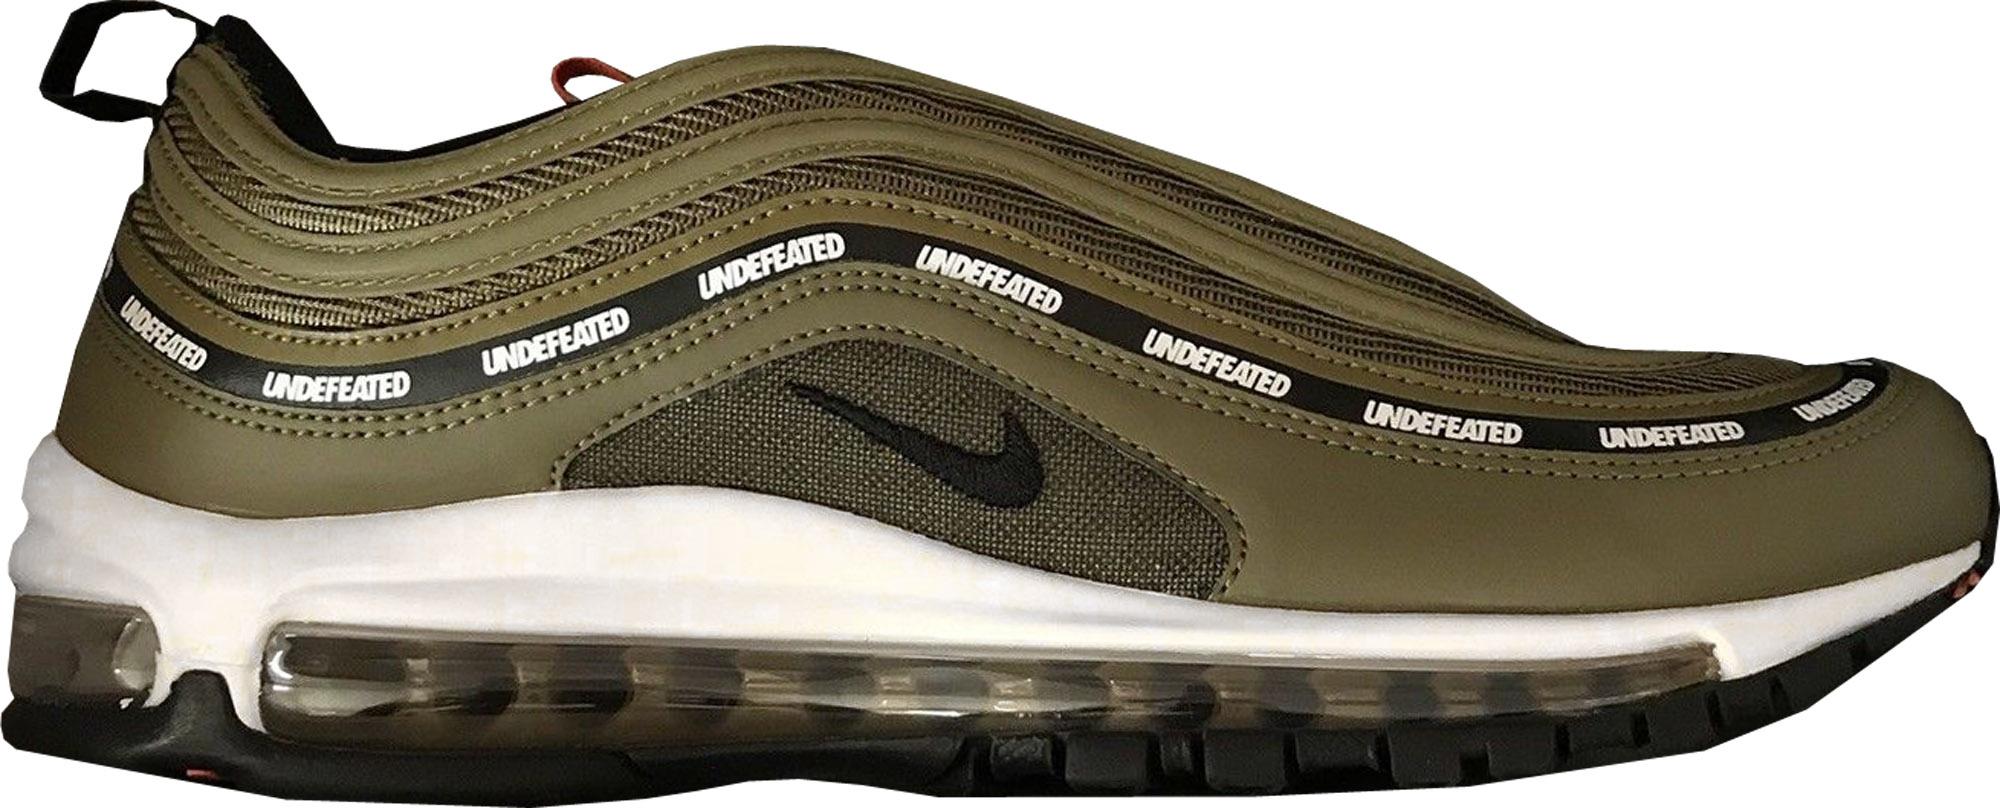 Nike Air Max 97 UNDFTD Green - AJ1986-300